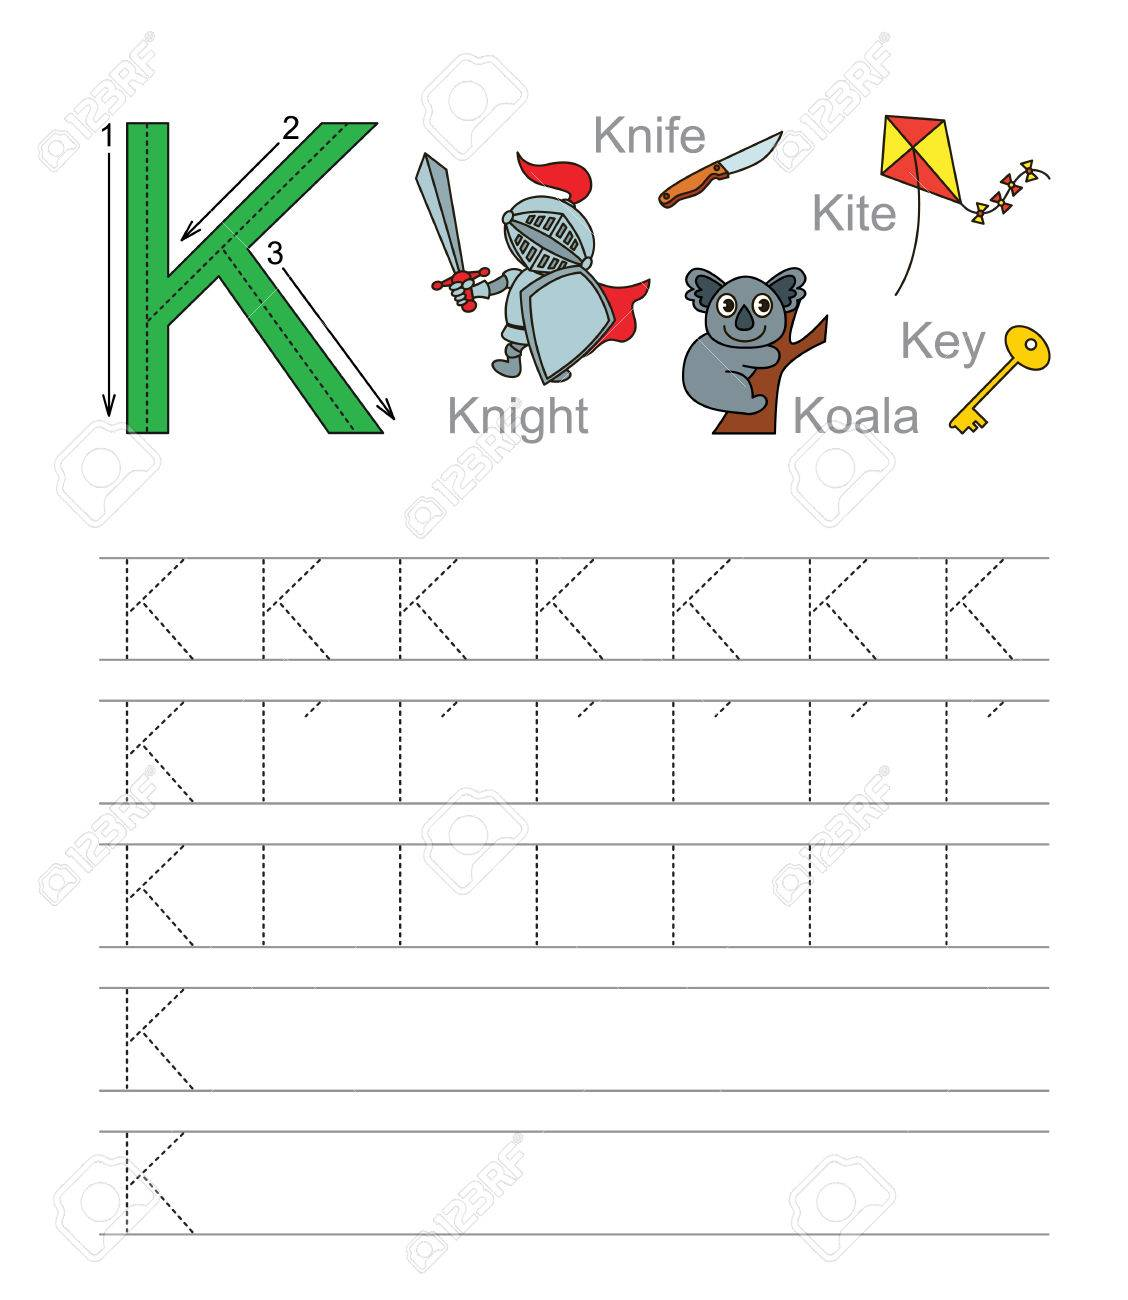 Attractive Pre K Handschrift Arbeitsblätter Images - Kindergarten ...